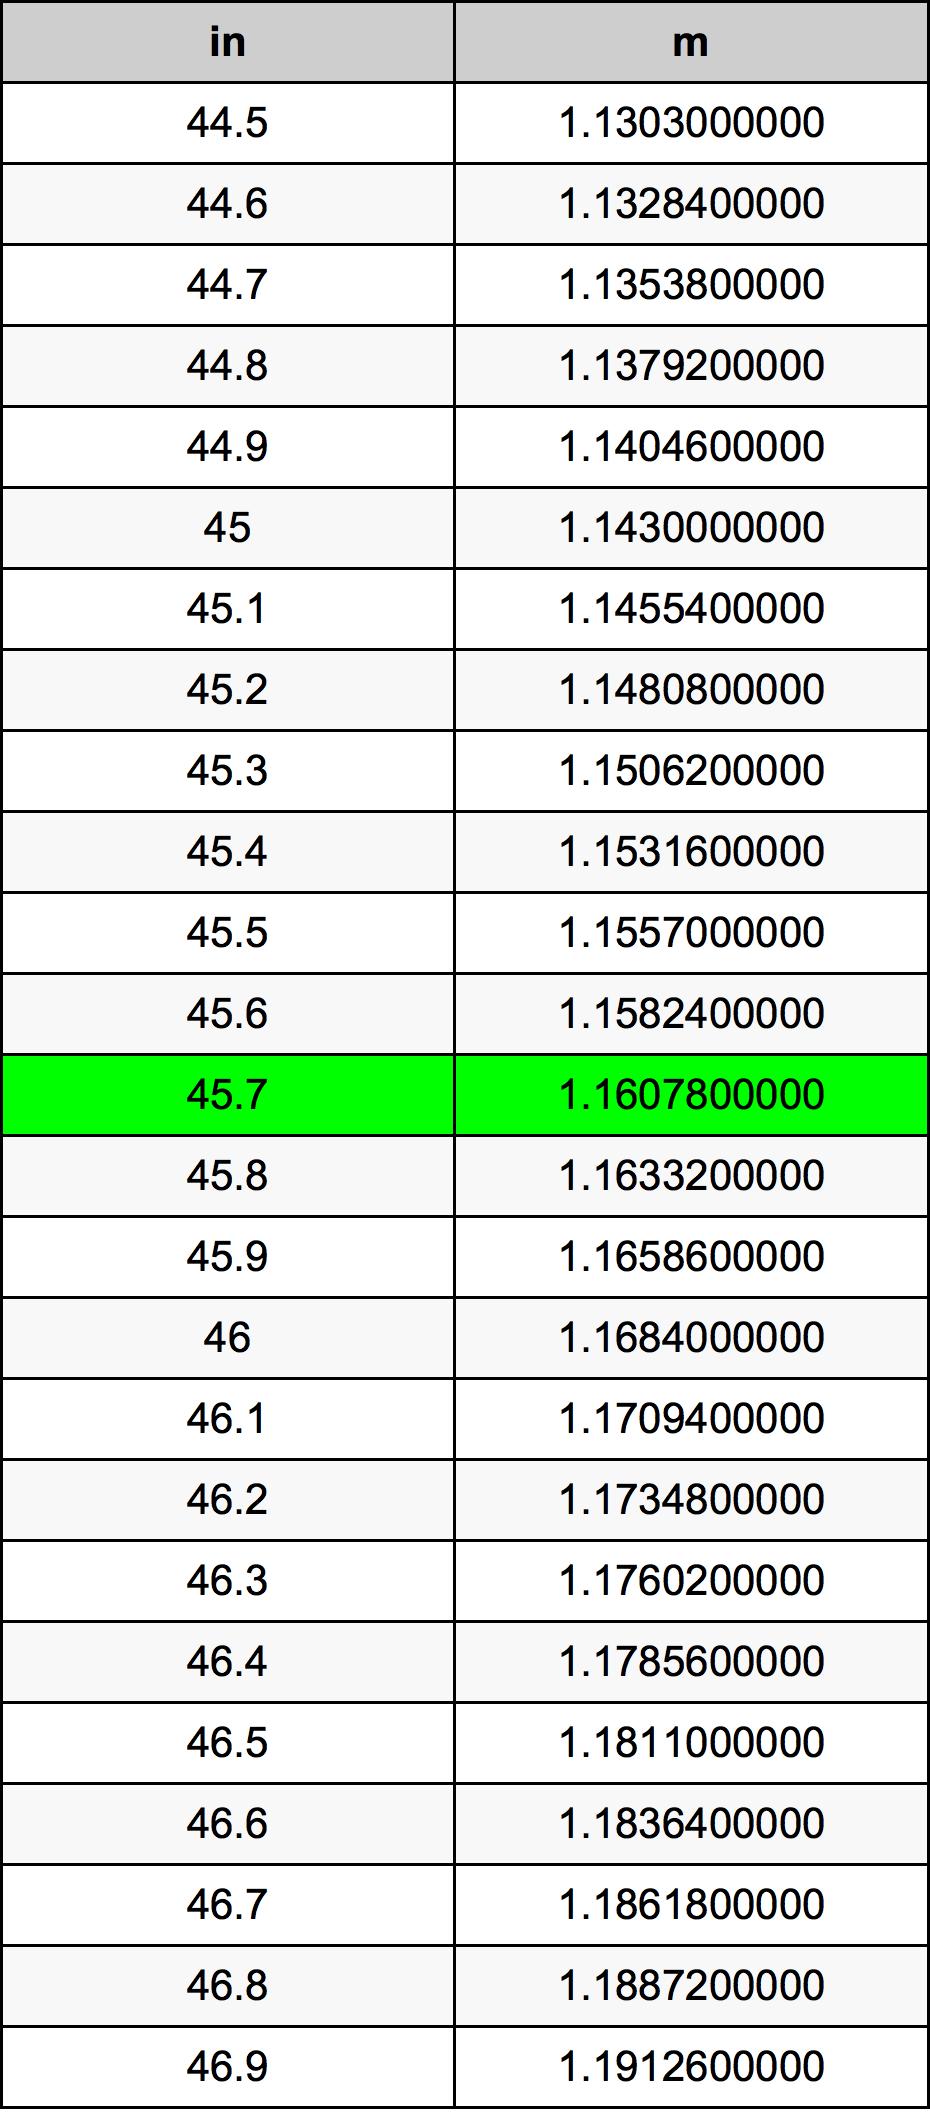 45.7 Pulzier konverżjoni tabella